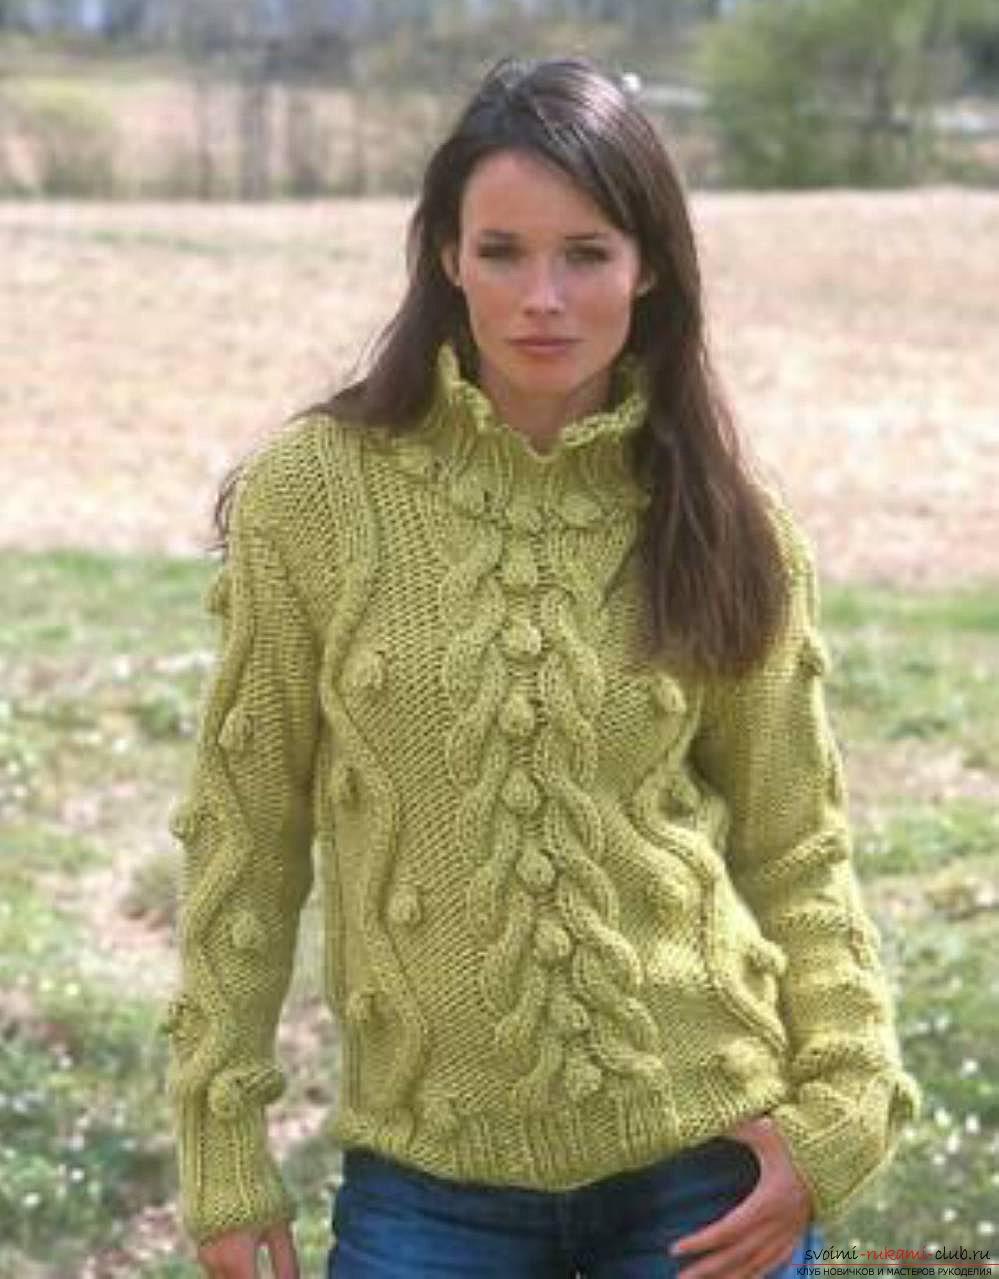 Вязание спицами модных свитеров для женщин - Женский вязаный свитер спицами Новые пропорции